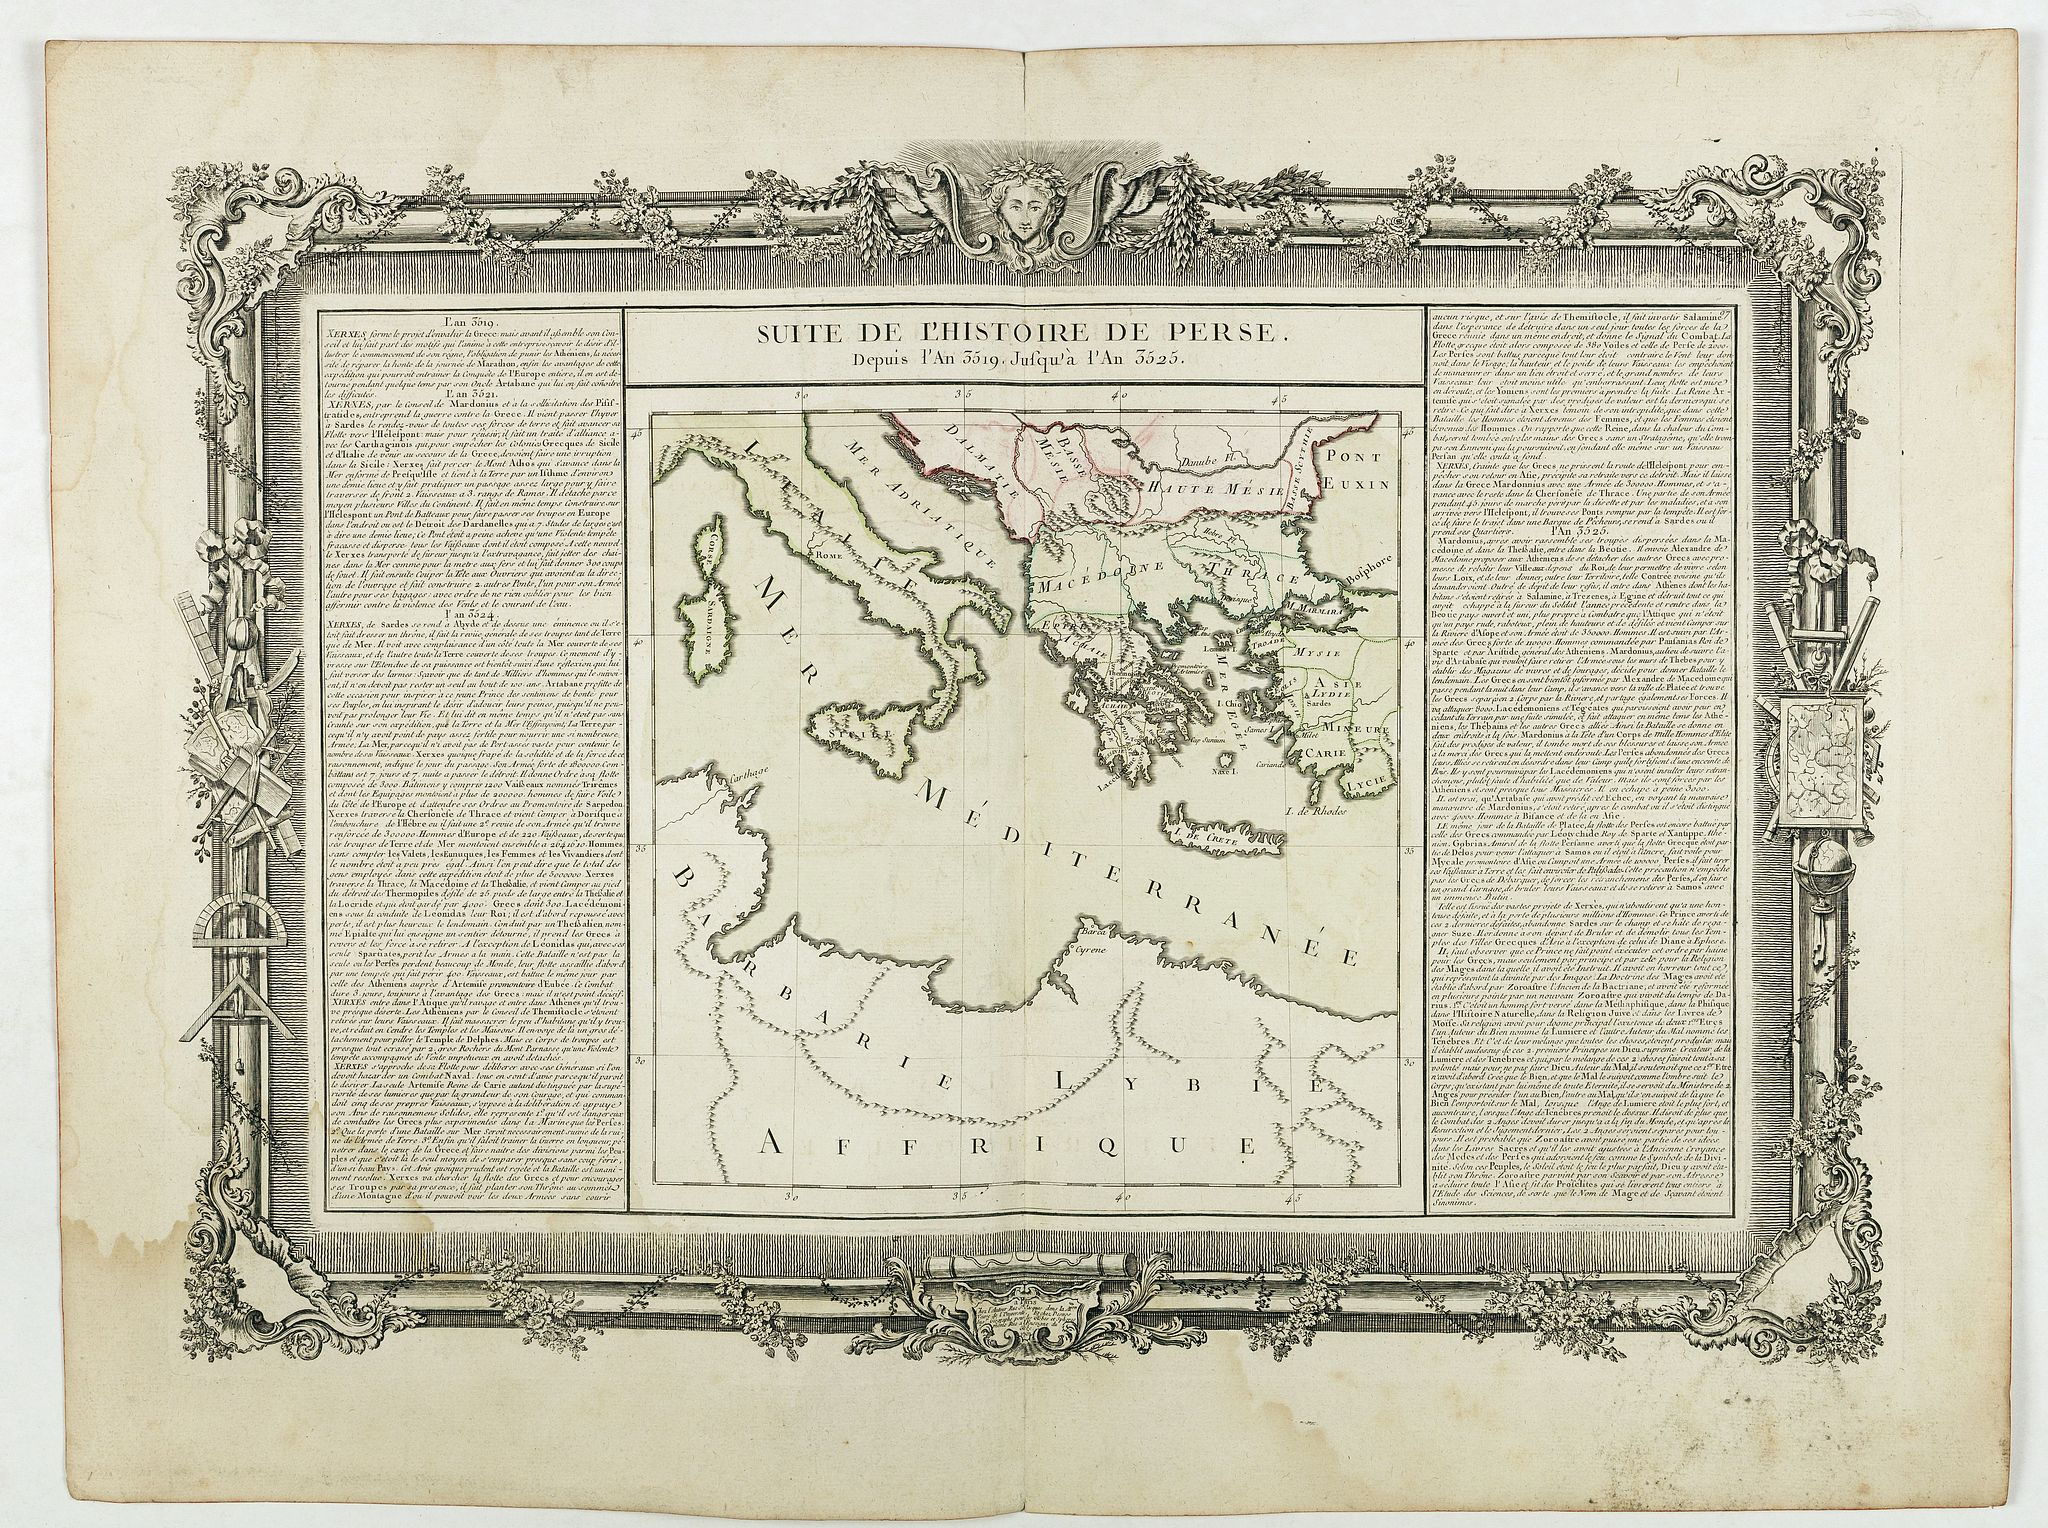 DE MORNAS. -  Suite de l'Histoire de Perse. Depuis l'An 3519, jusqu'à l'An 3525.